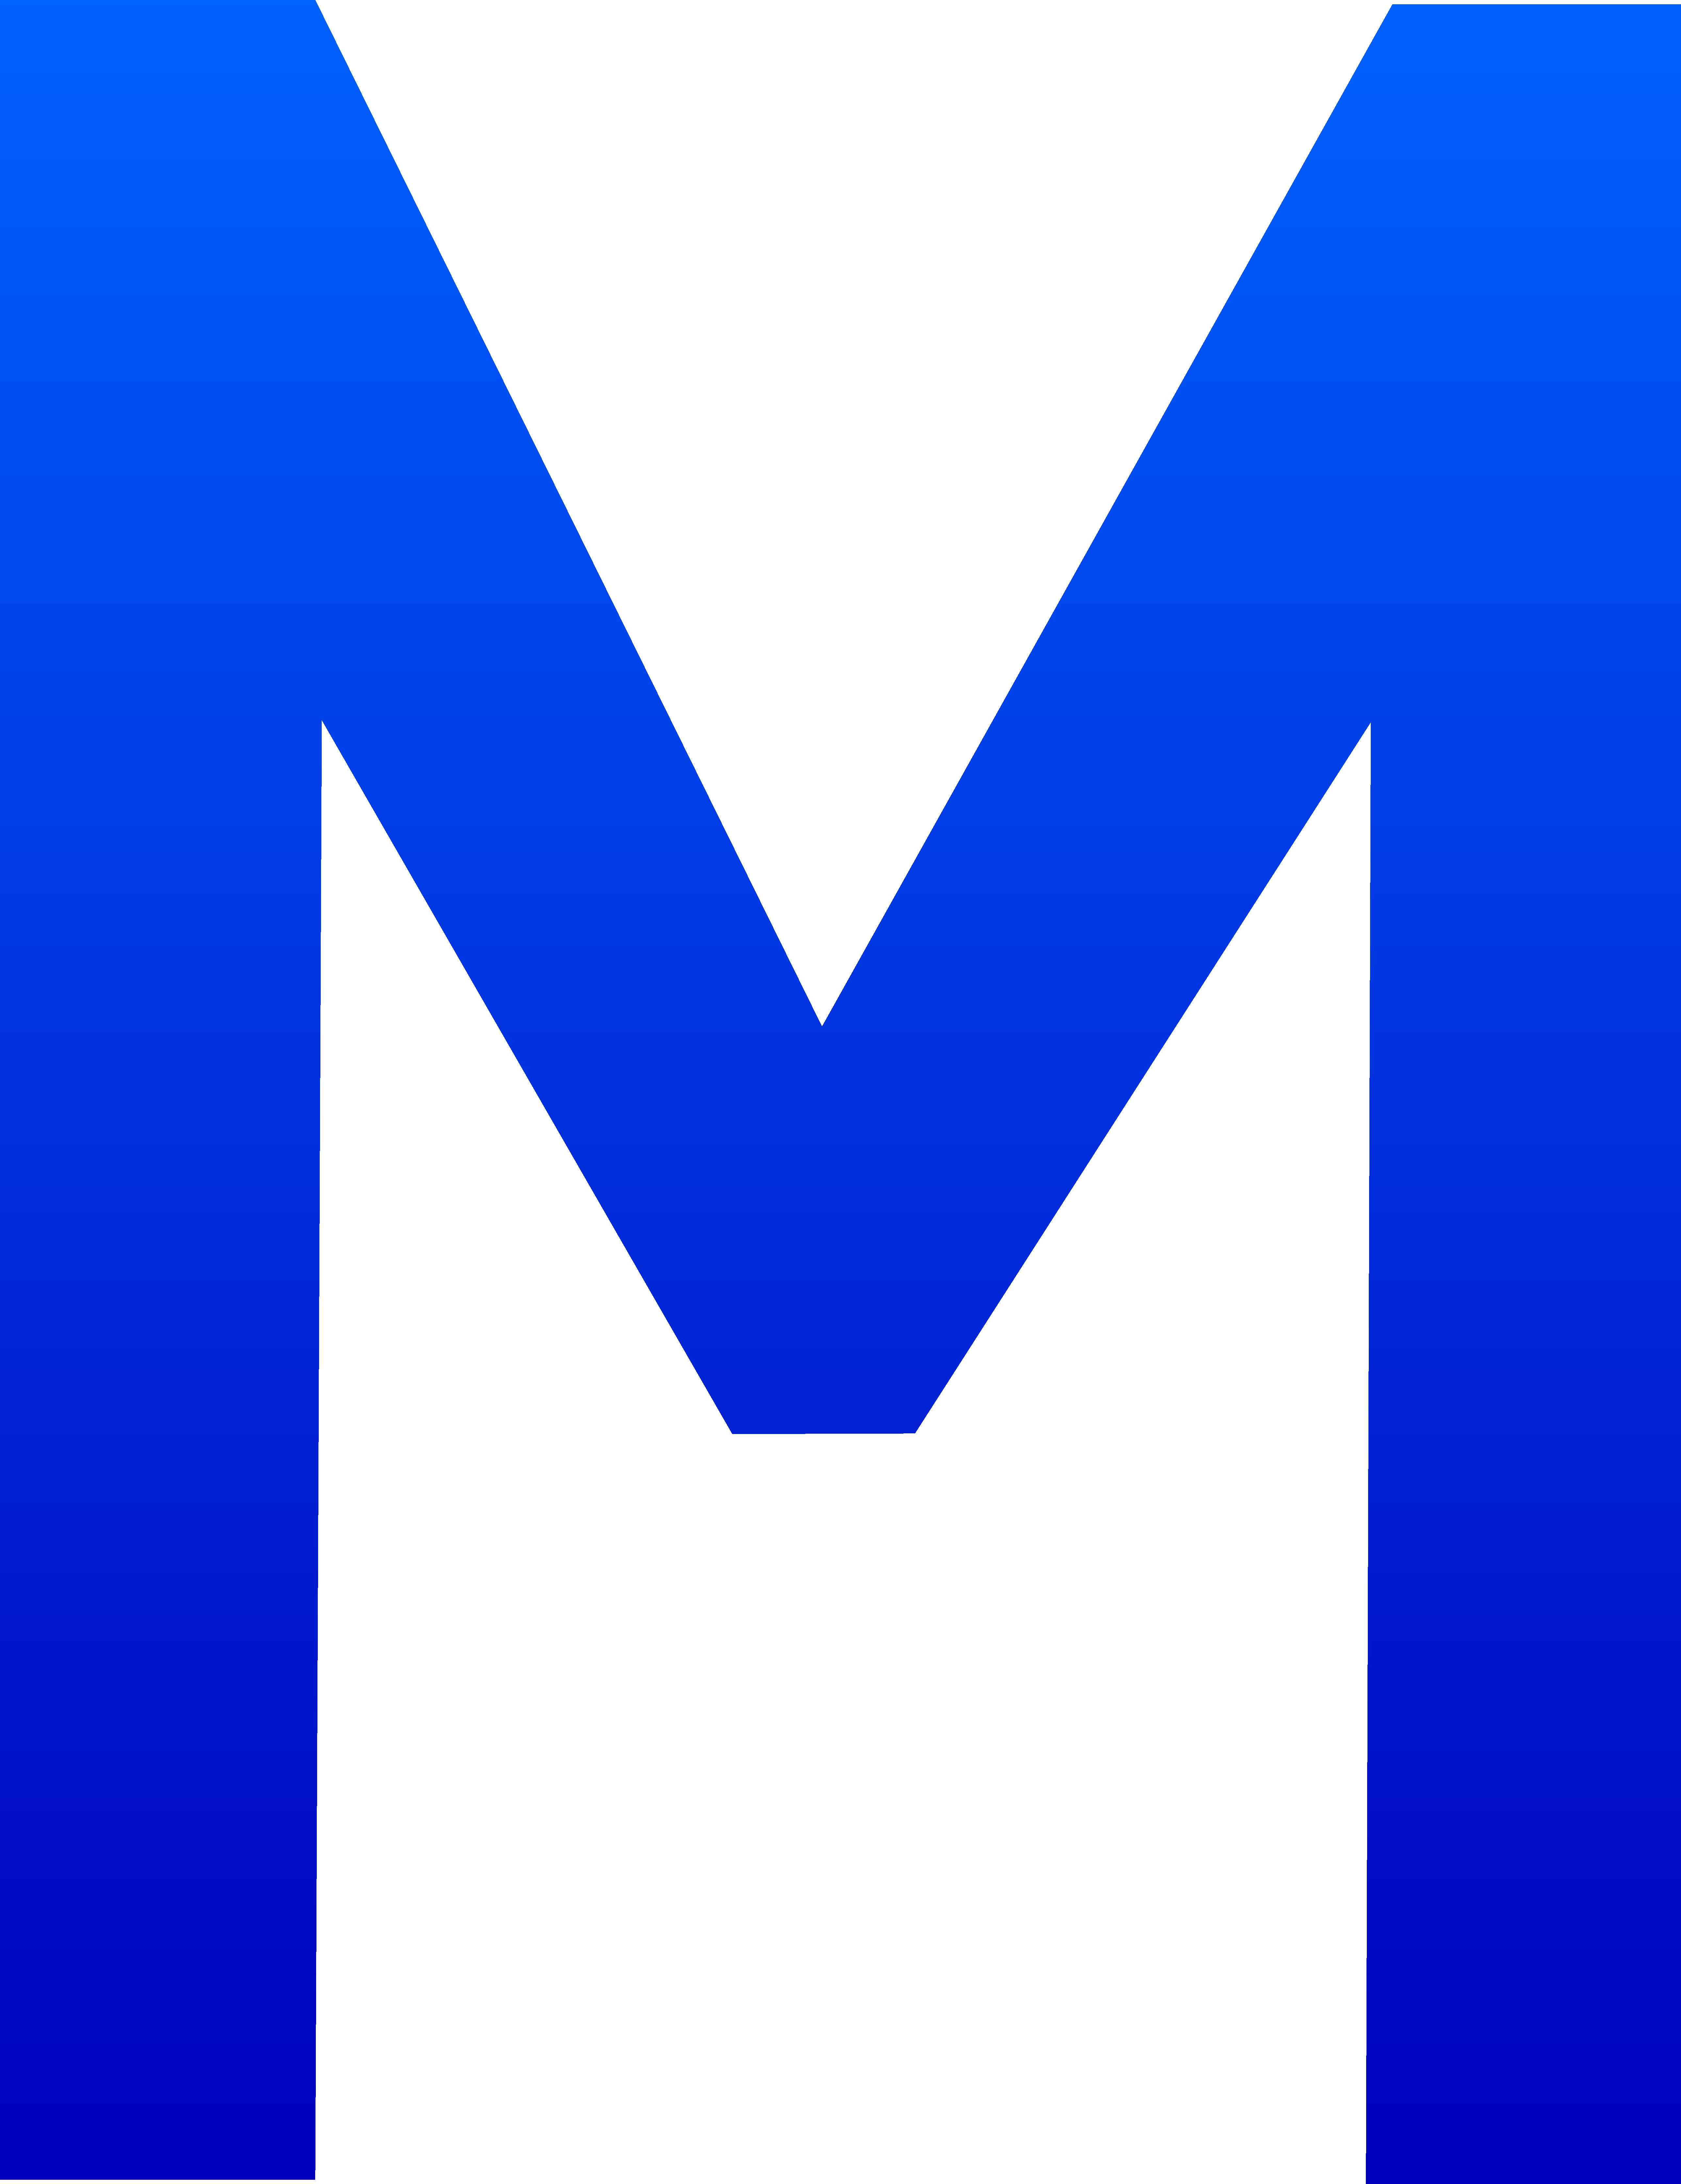 Letter M Clipart & Letter M Clip Art Images.